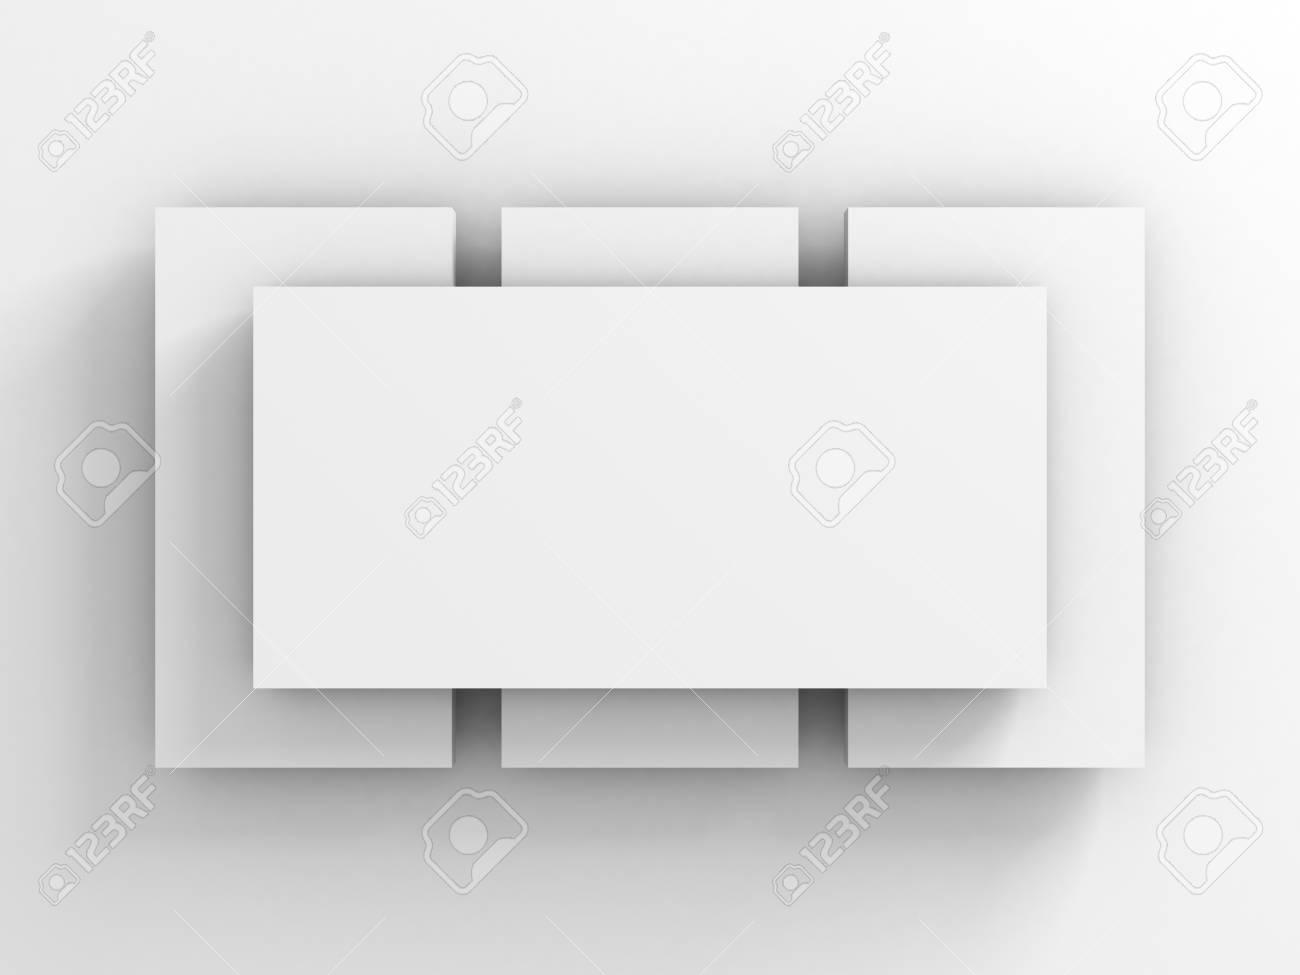 Resumen Antecedentes De Tarjeta En Blanco Del Cuadro O Marco. 3d ...